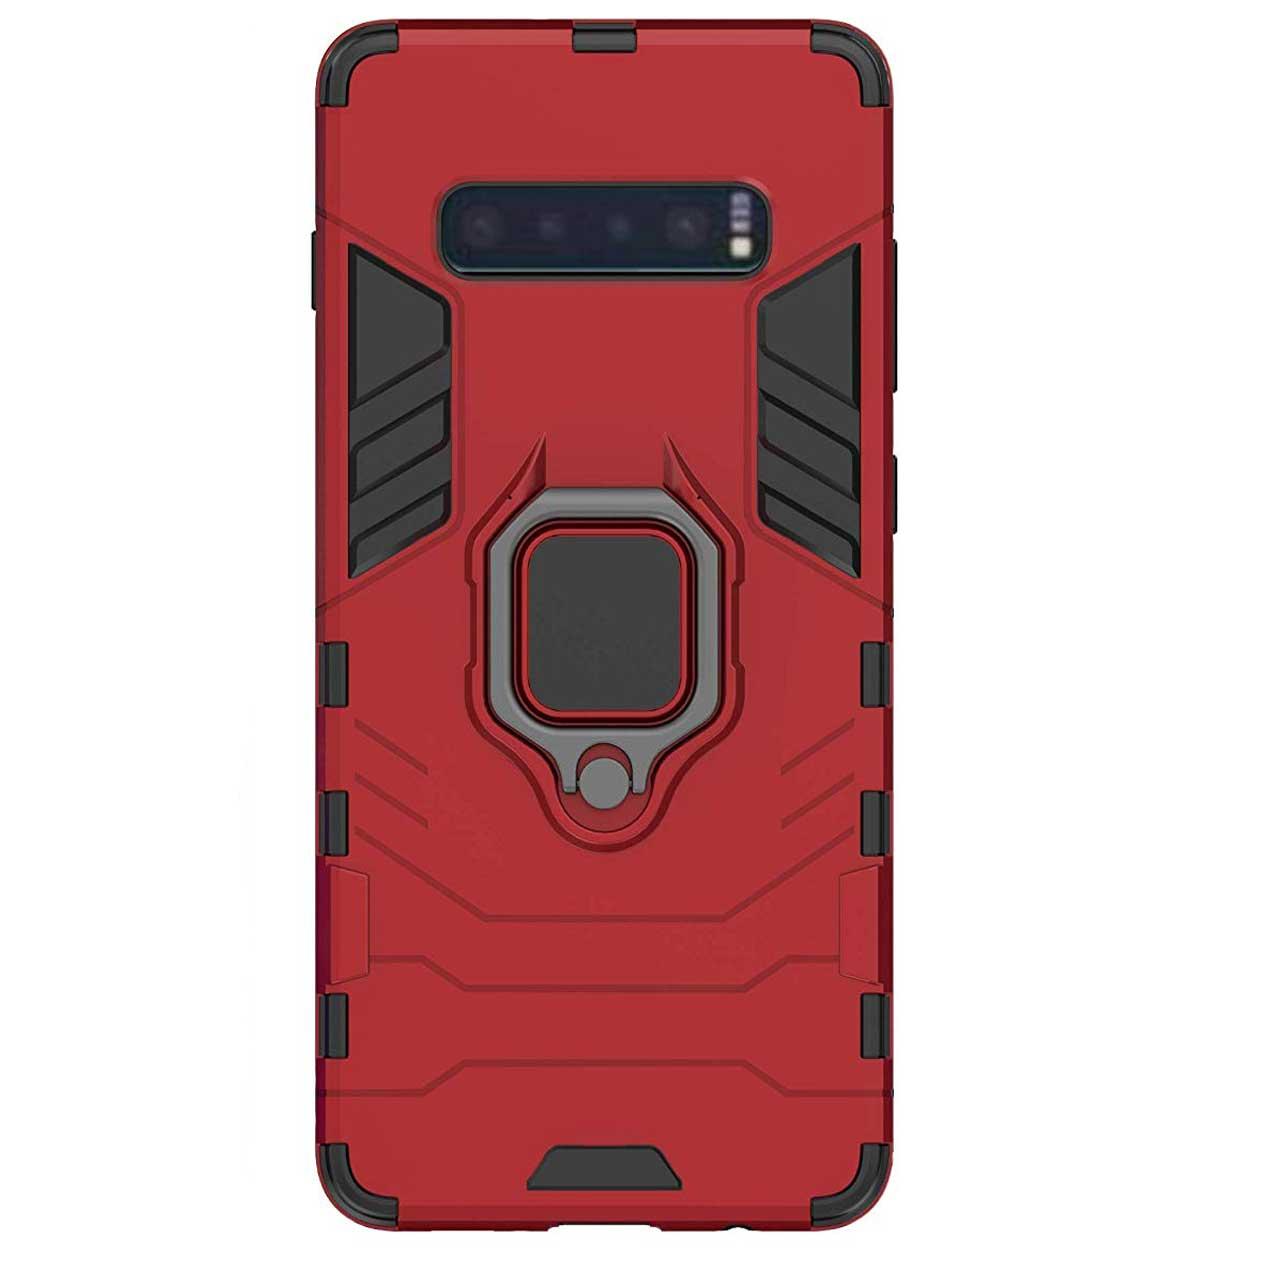 کاور کینگ کونگ مدل GHB01 مناسب برای گوشی موبایل سامسونگ Galaxy S10